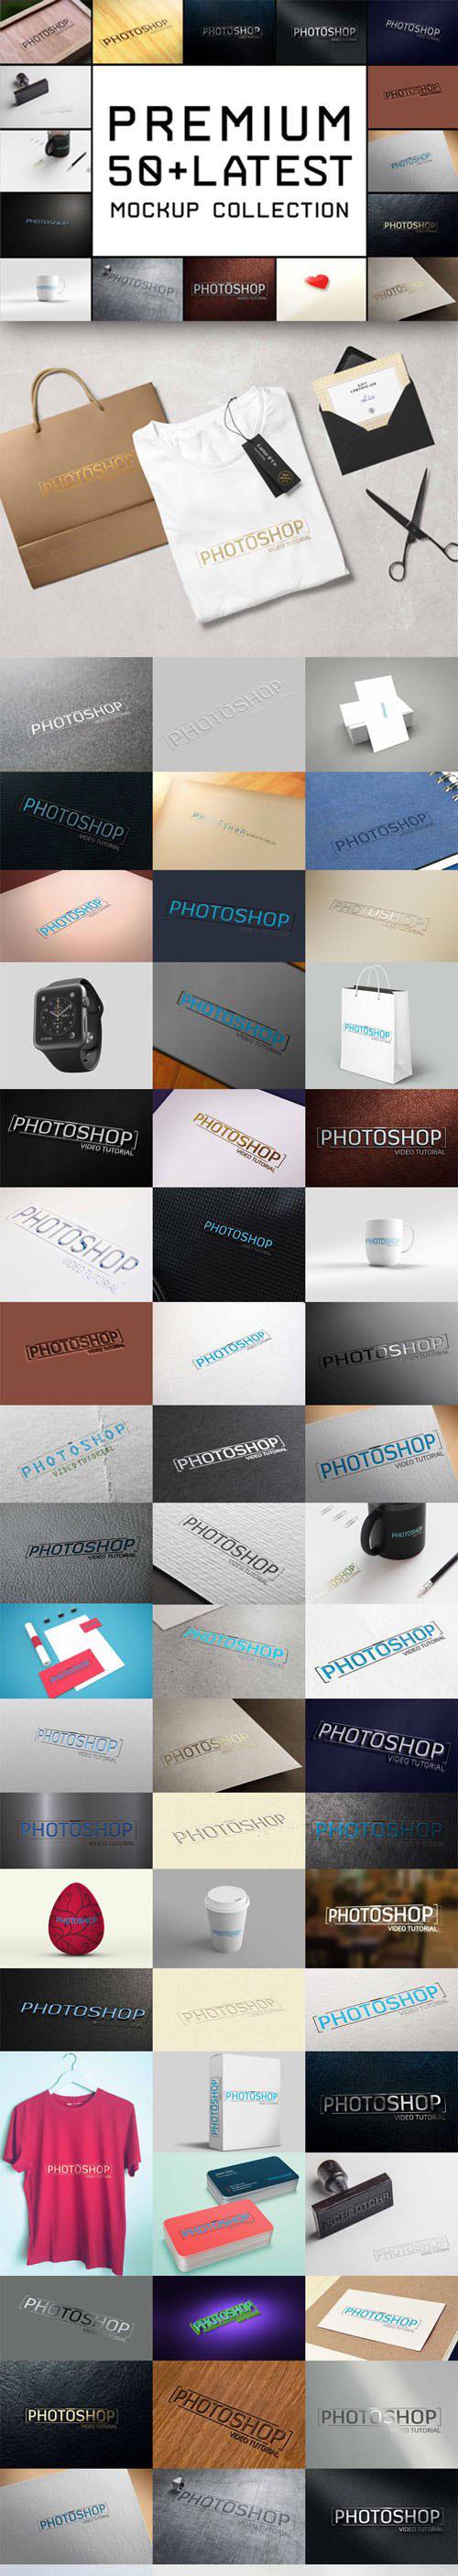 Top 54 Logo 68 PSD Mockups.140221